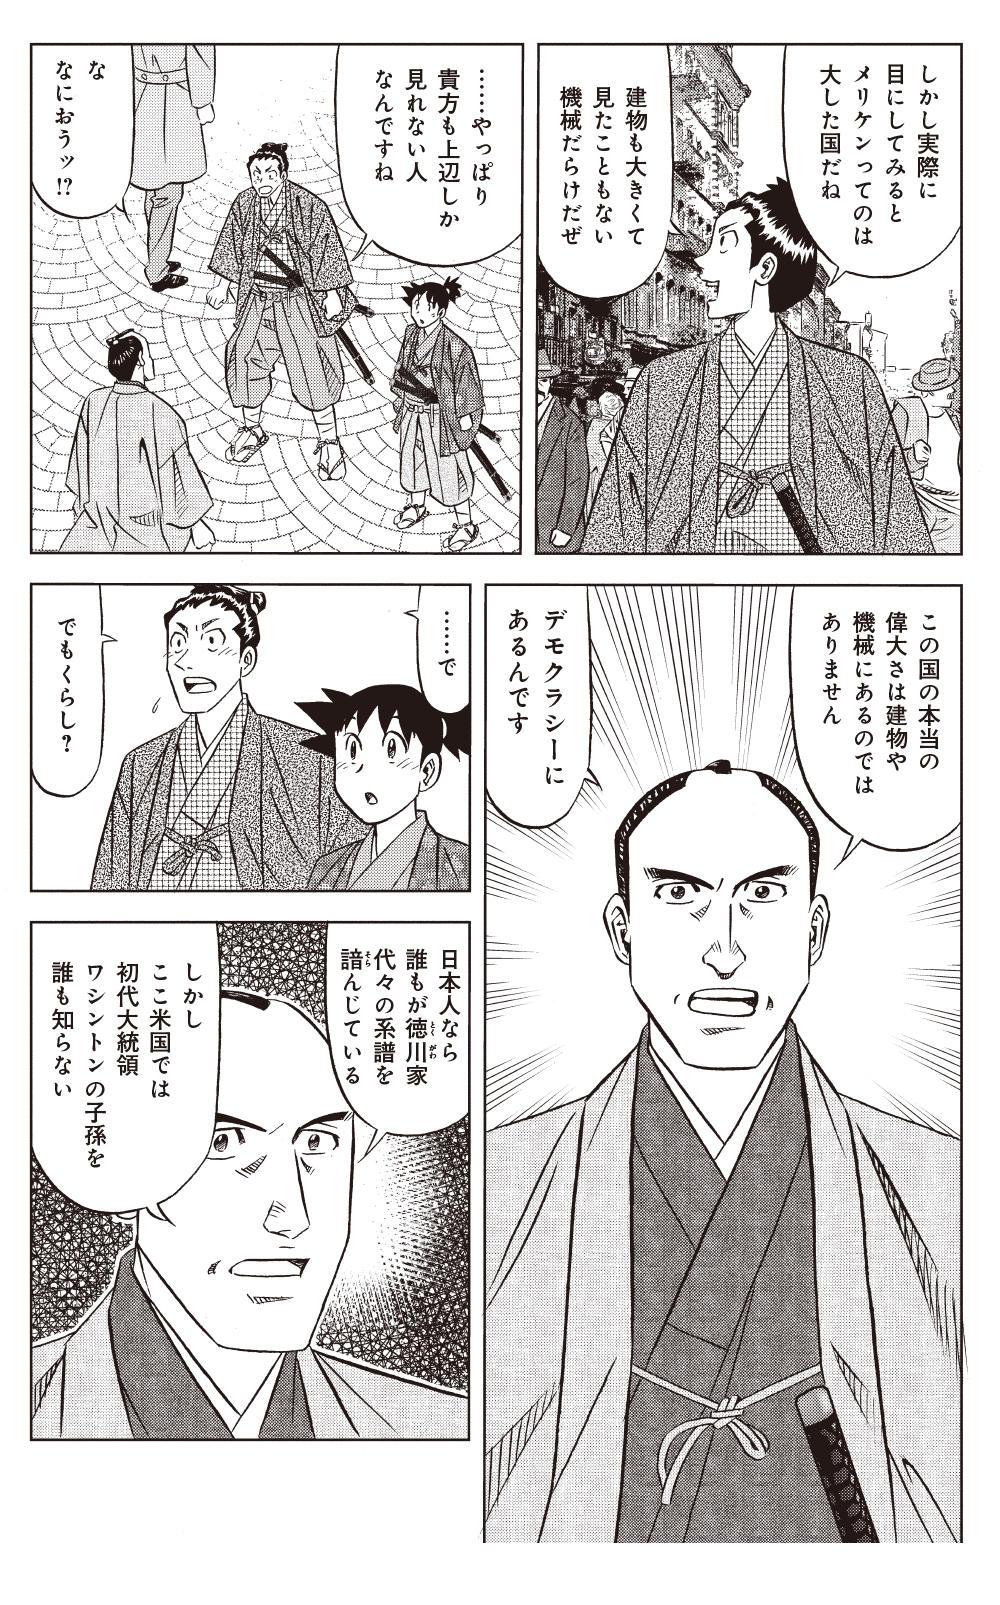 ミスター味っ子 幕末編 第3話「黄金大陸」①ajikko01-83.jpg